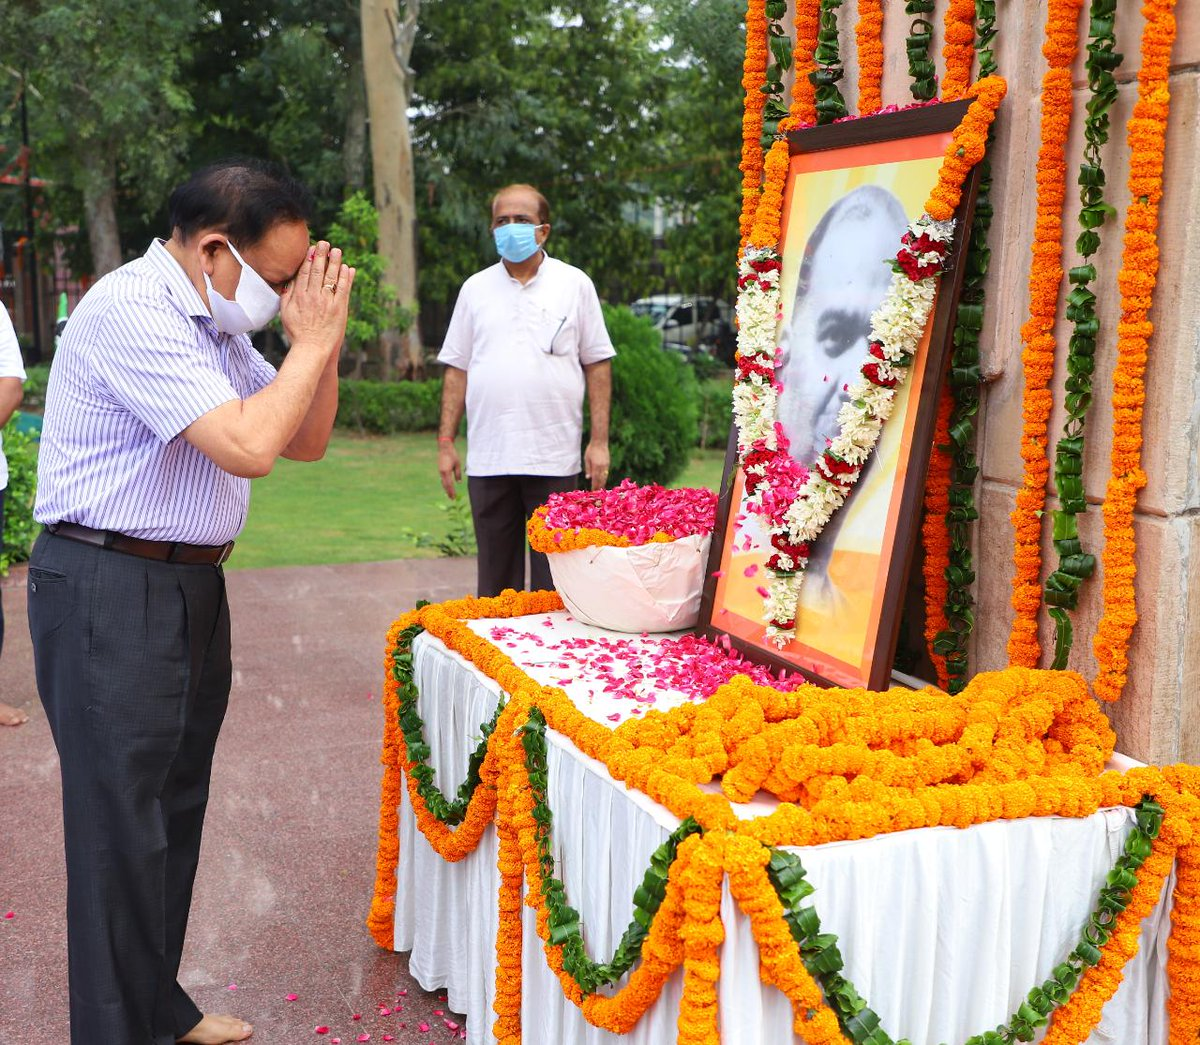 राष्ट्रीय अस्मिता के अद्वितीय प्रतीक परम श्रद्धेय डॉ #ShyamaPrasadMukherjee जी की जयंती पर आज प्रात: दिल्ली के शहीदी पार्क में आयोजित एक कार्यक्रम में मैंने उनकी प्रतिमा पर पुष्पार्पण कर अपने श्रद्धासुमन अर्पित किए। डॉ मुखर्जी जी हम सबके प्रेरणापुंज हैं। #SyamaPrasad4OneIndia